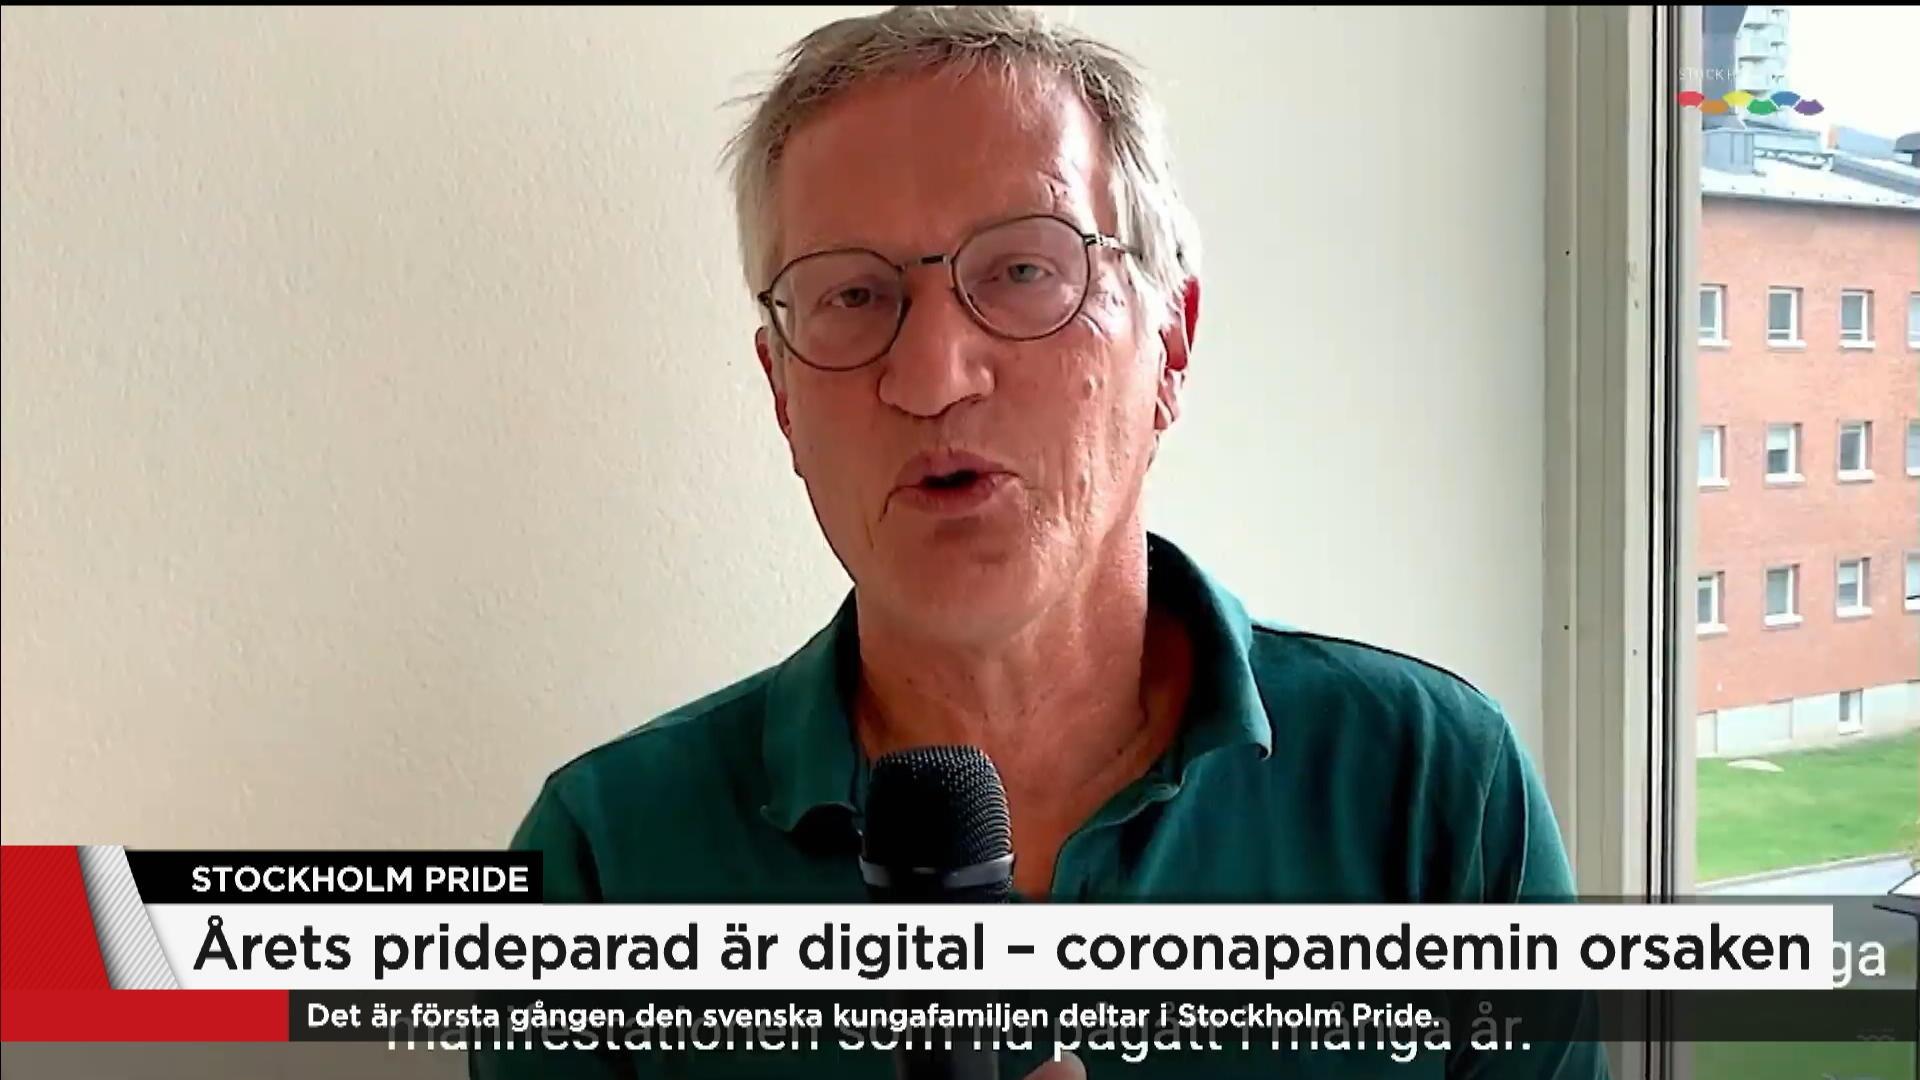 Tegnells Pridehalsning Uppmanar Att Fira Pa Ett Coronasakert Satt Nyheterna Tv4 Se